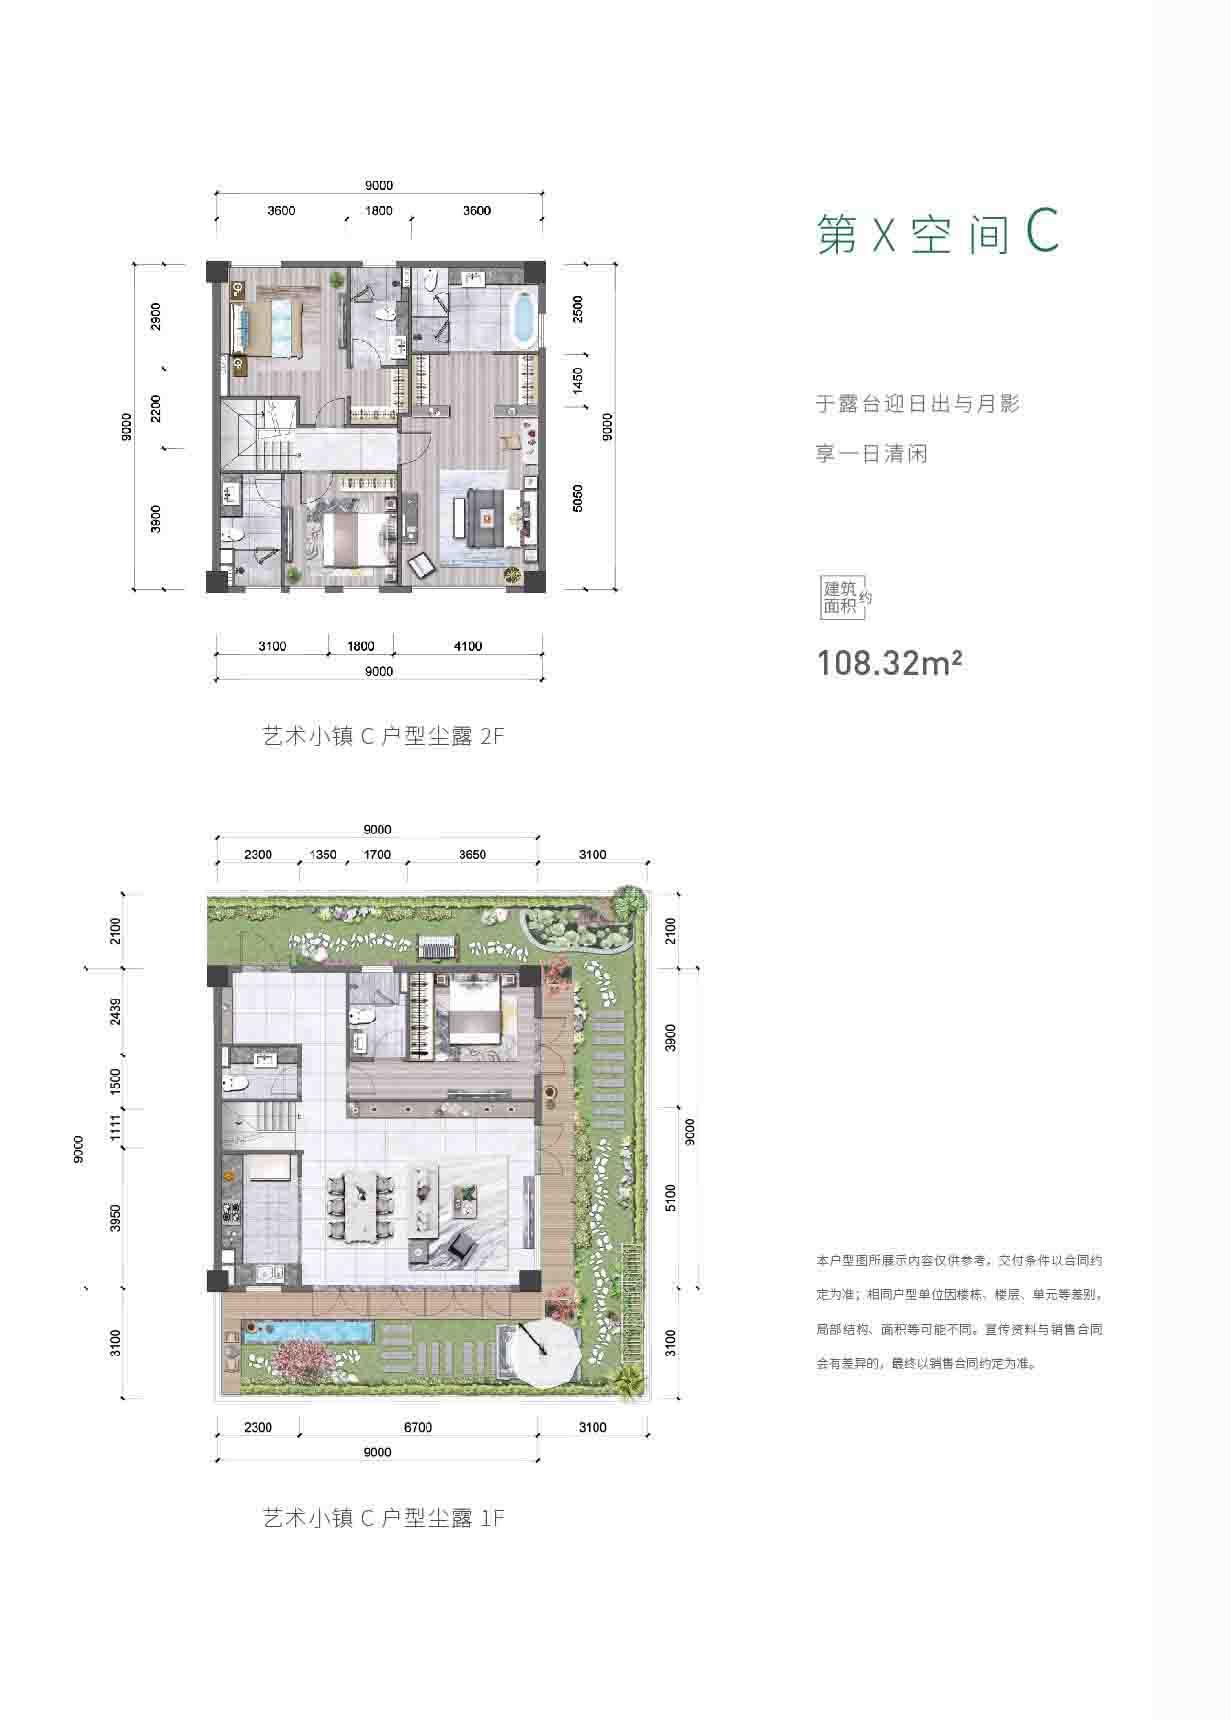 爱上山·艺术小镇4室2厅3卫